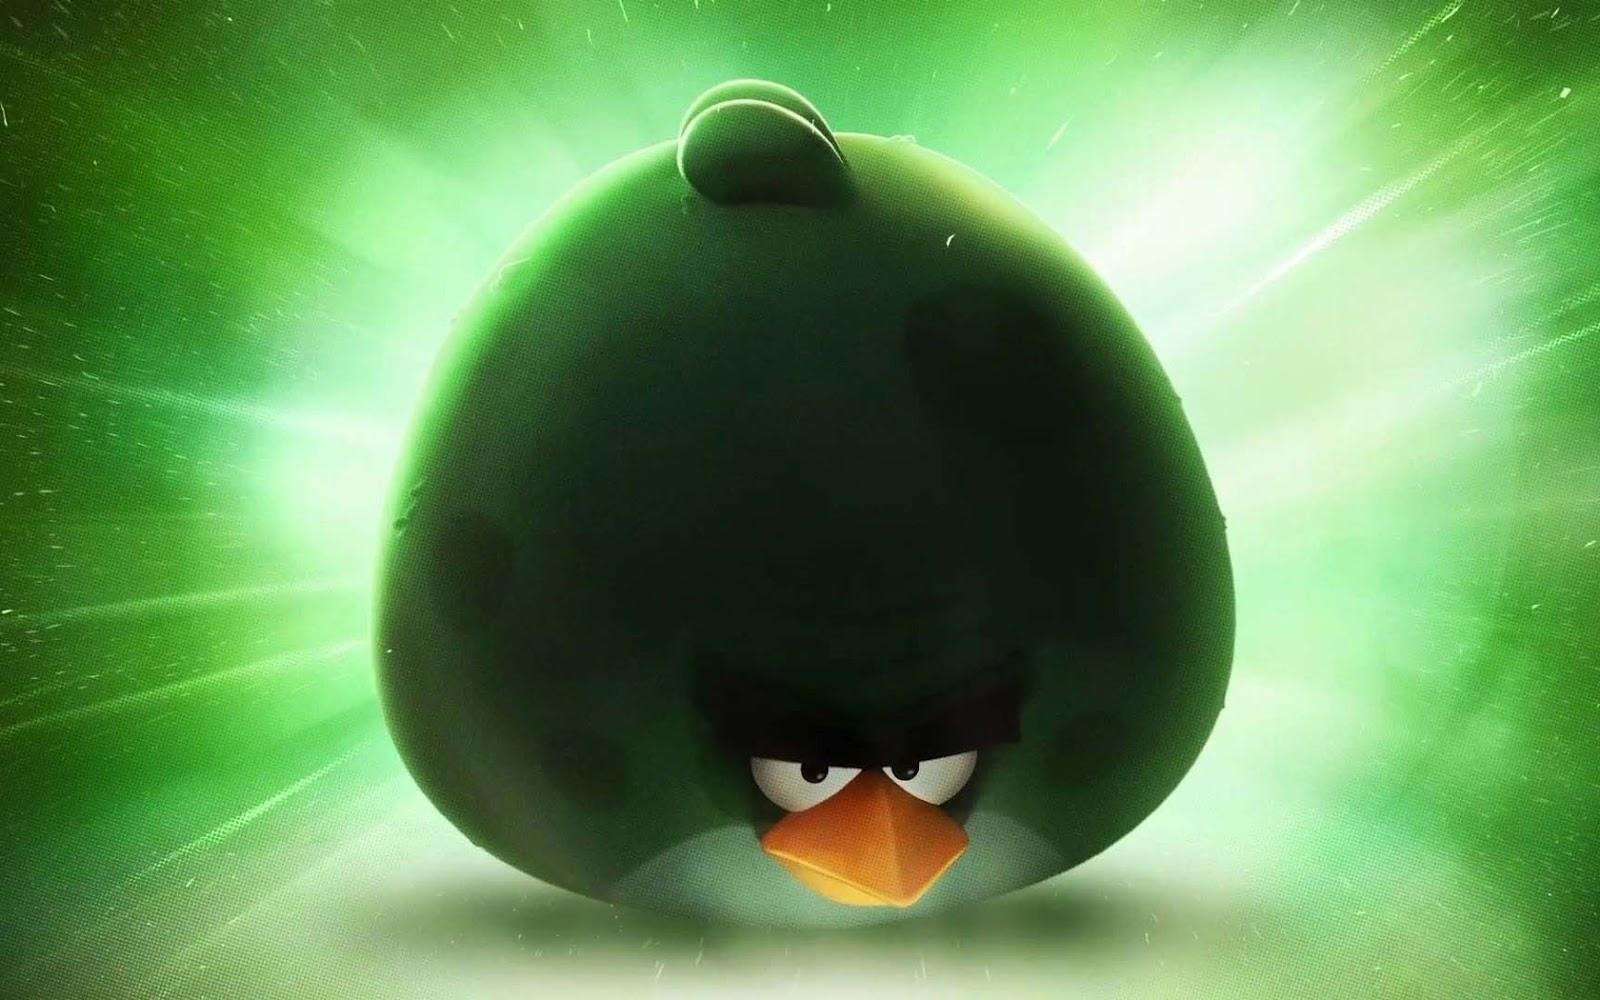 http://2.bp.blogspot.com/-d6Yzh_kE7XE/T6XowqAGbHI/AAAAAAAAFac/_XHeXskWF6g/s1600/Angry_Birds_Wallpapers_09.jpg